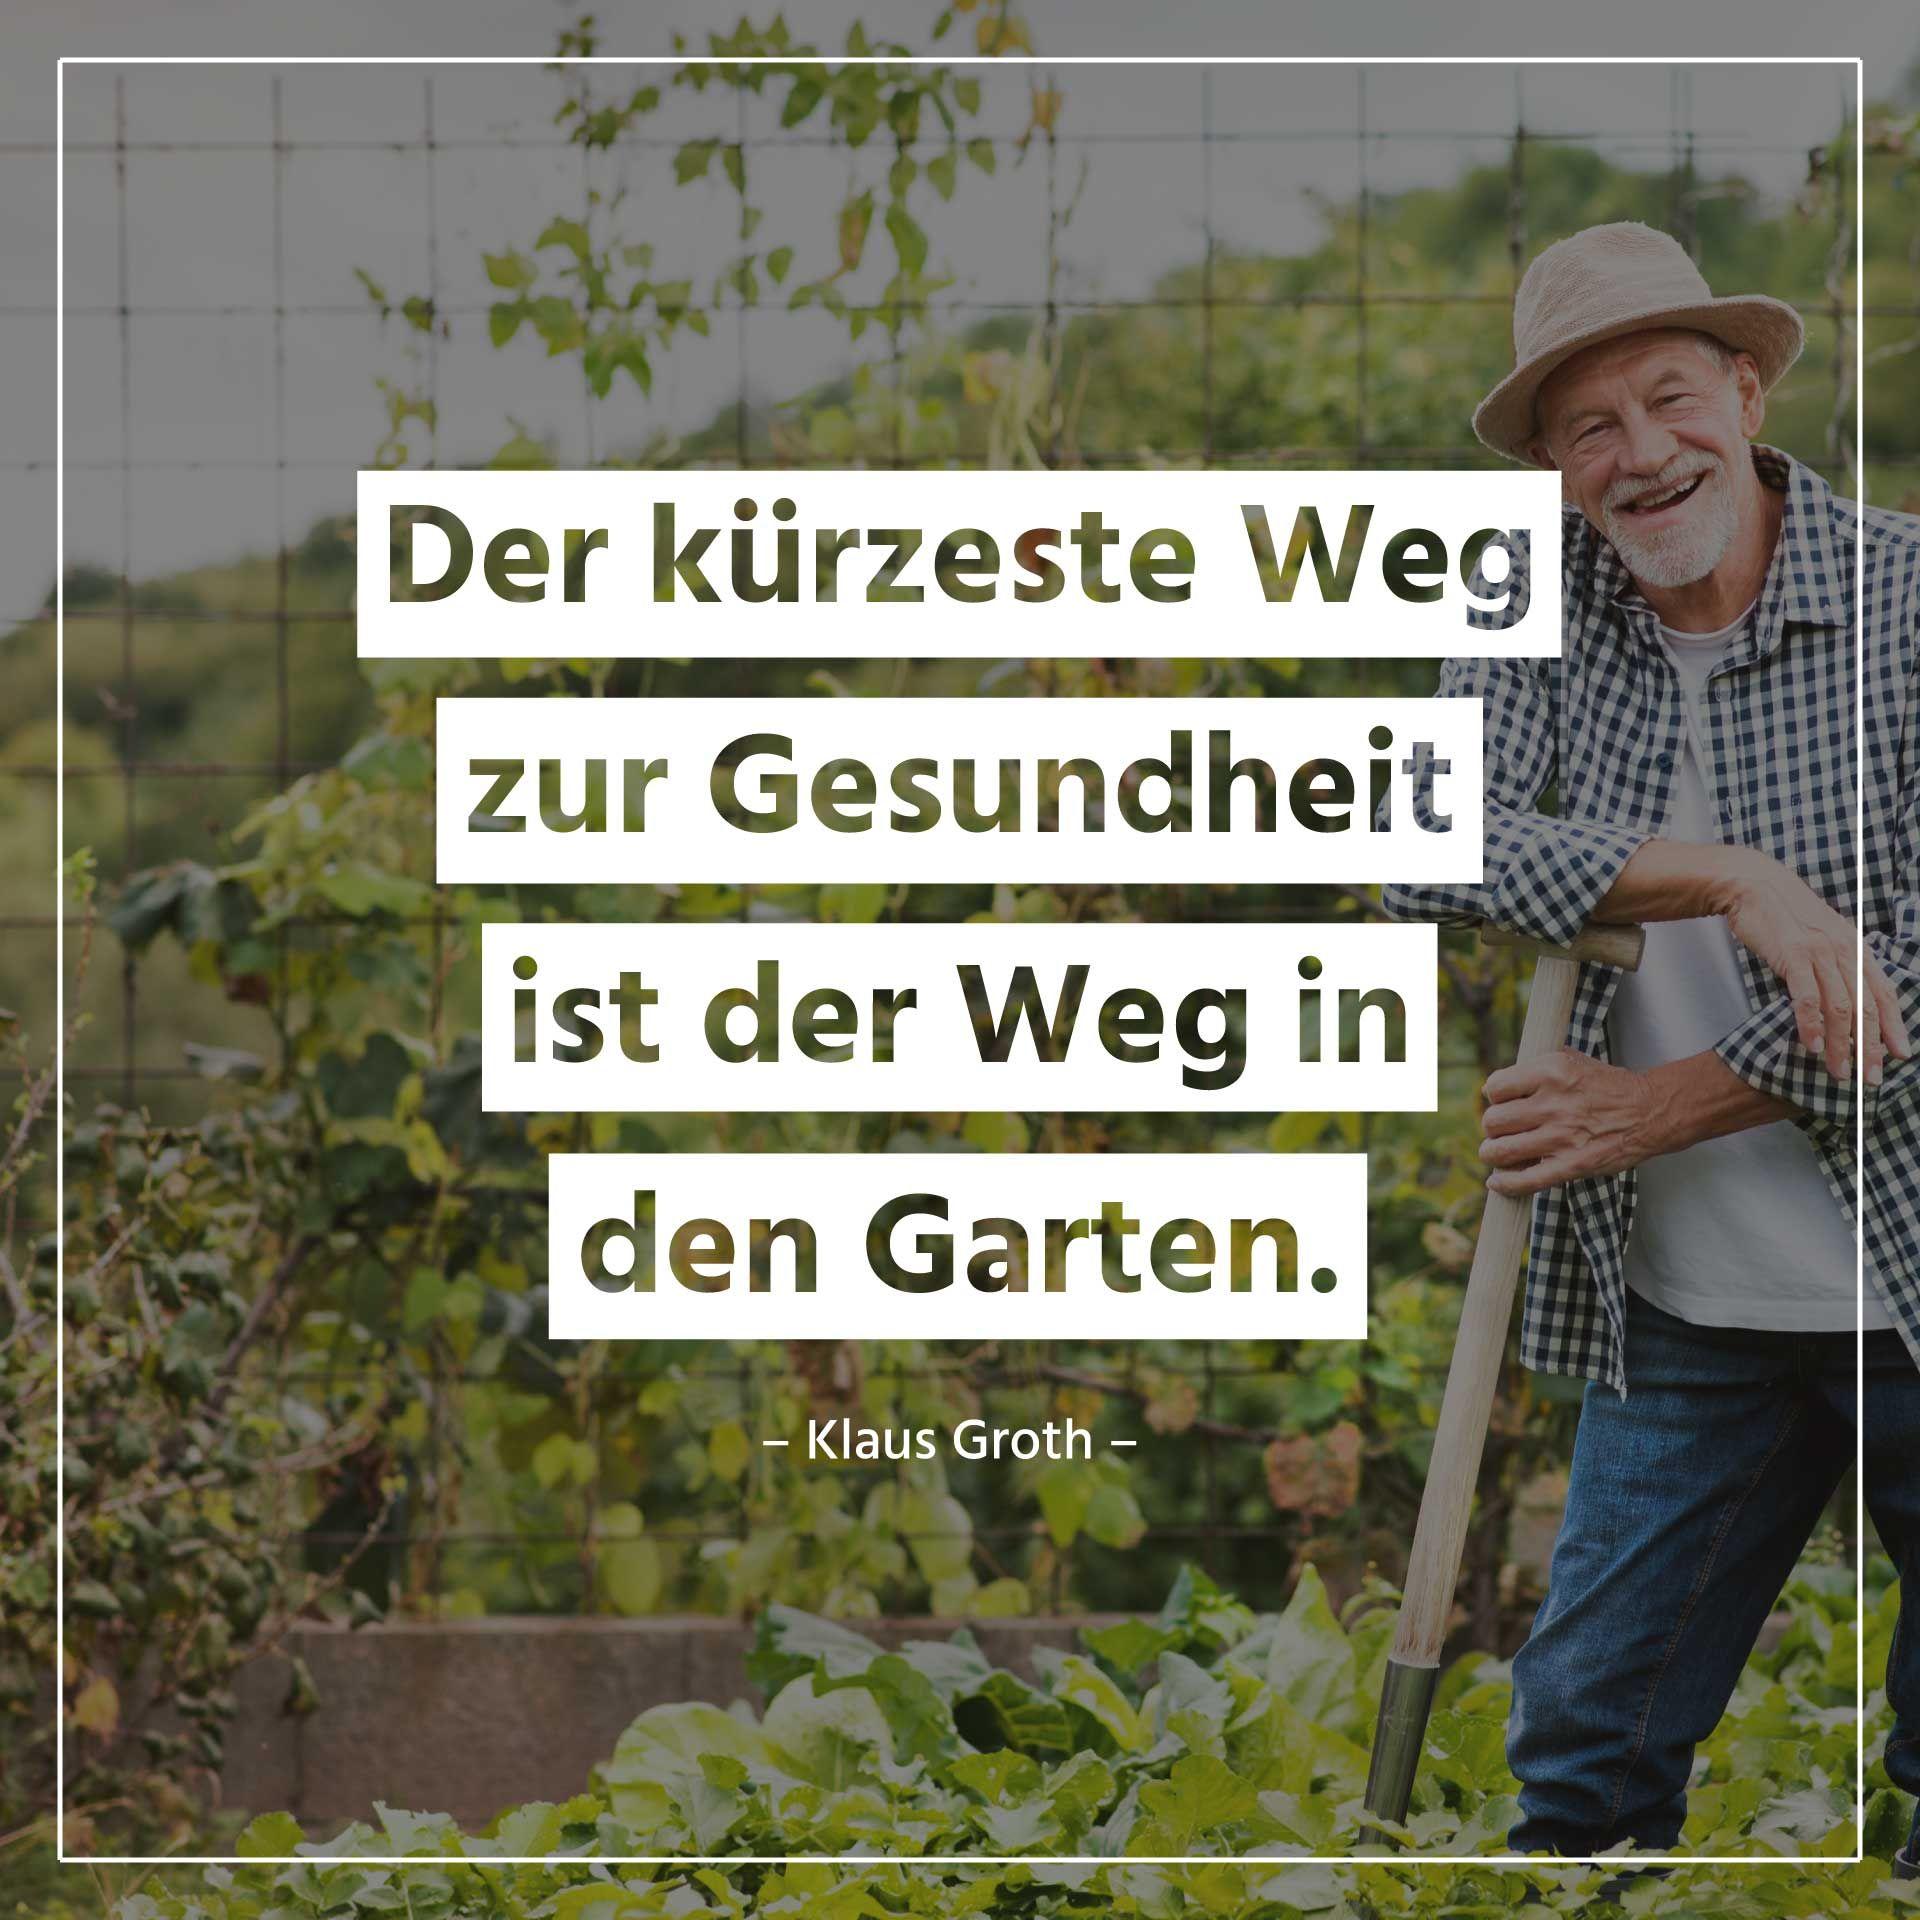 Garten Spruche Zitate Spruche Garten Lustige Spruche Spruche